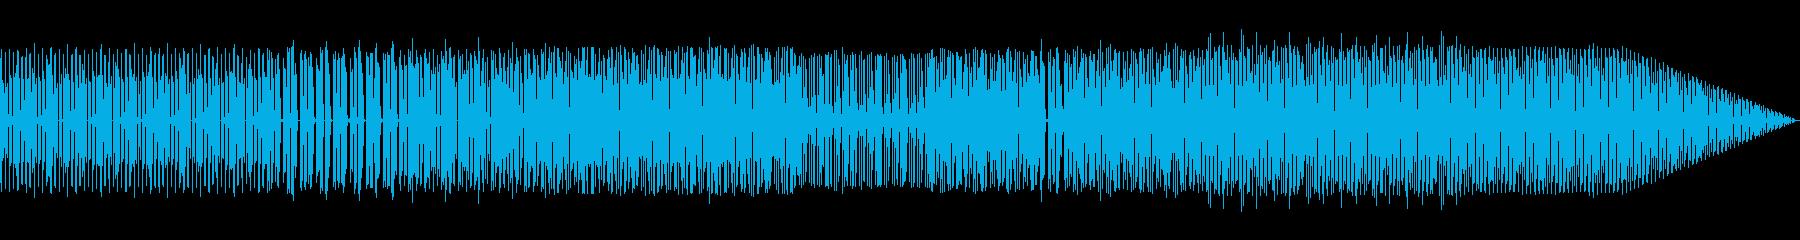 ハウスエレクトロハウスの再生済みの波形